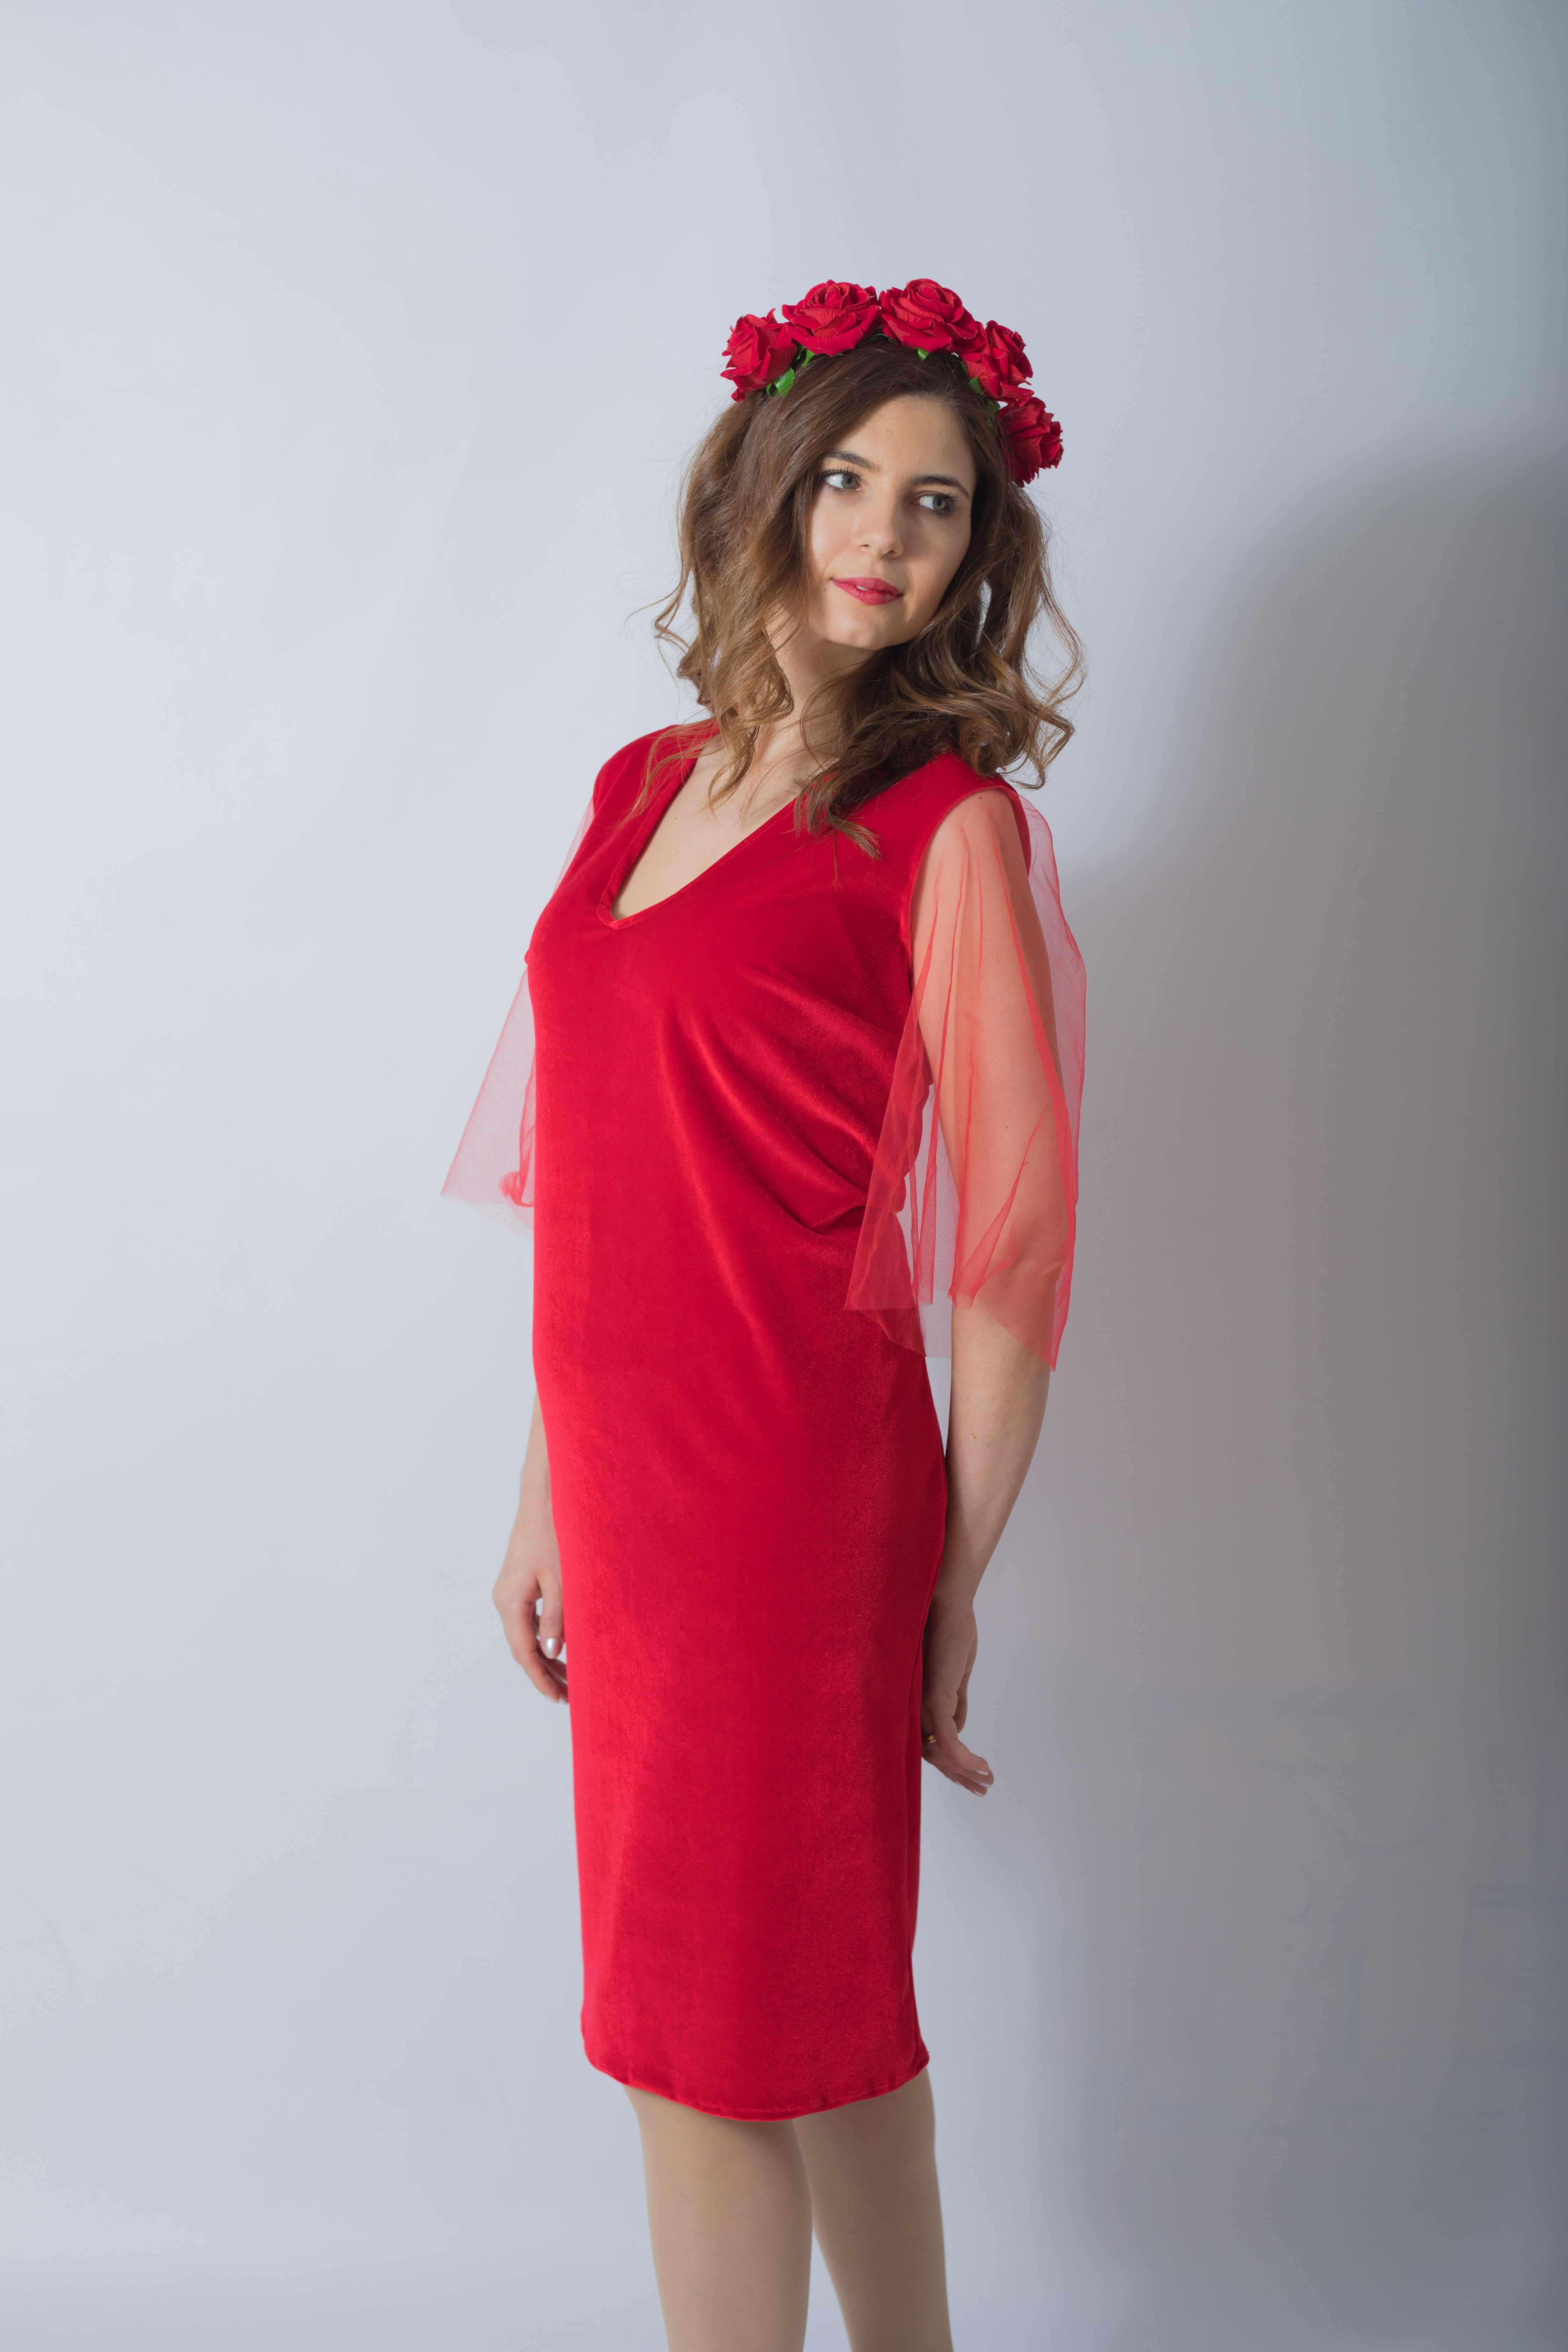 rouge-tulle-rochie-eleganta-gravida-din-catifea-premium-transport-gratuit [7]